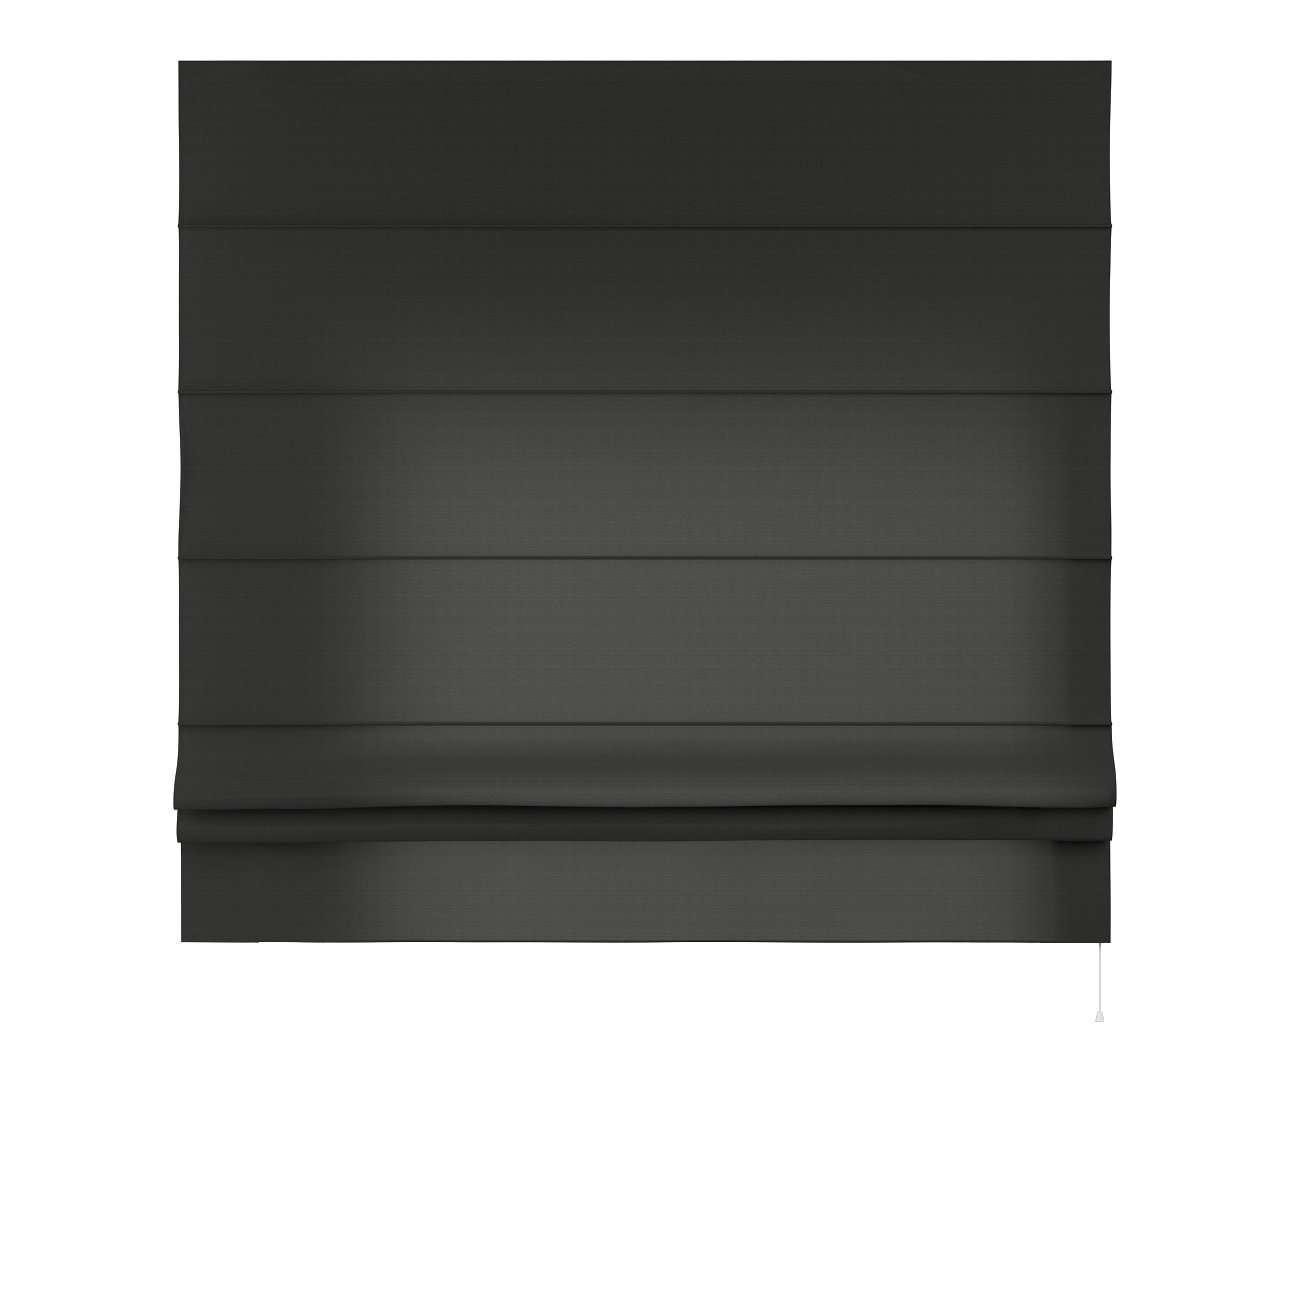 Raffrollo Padva 80 x 170 cm von der Kollektion Jupiter, Stoff: 127-99